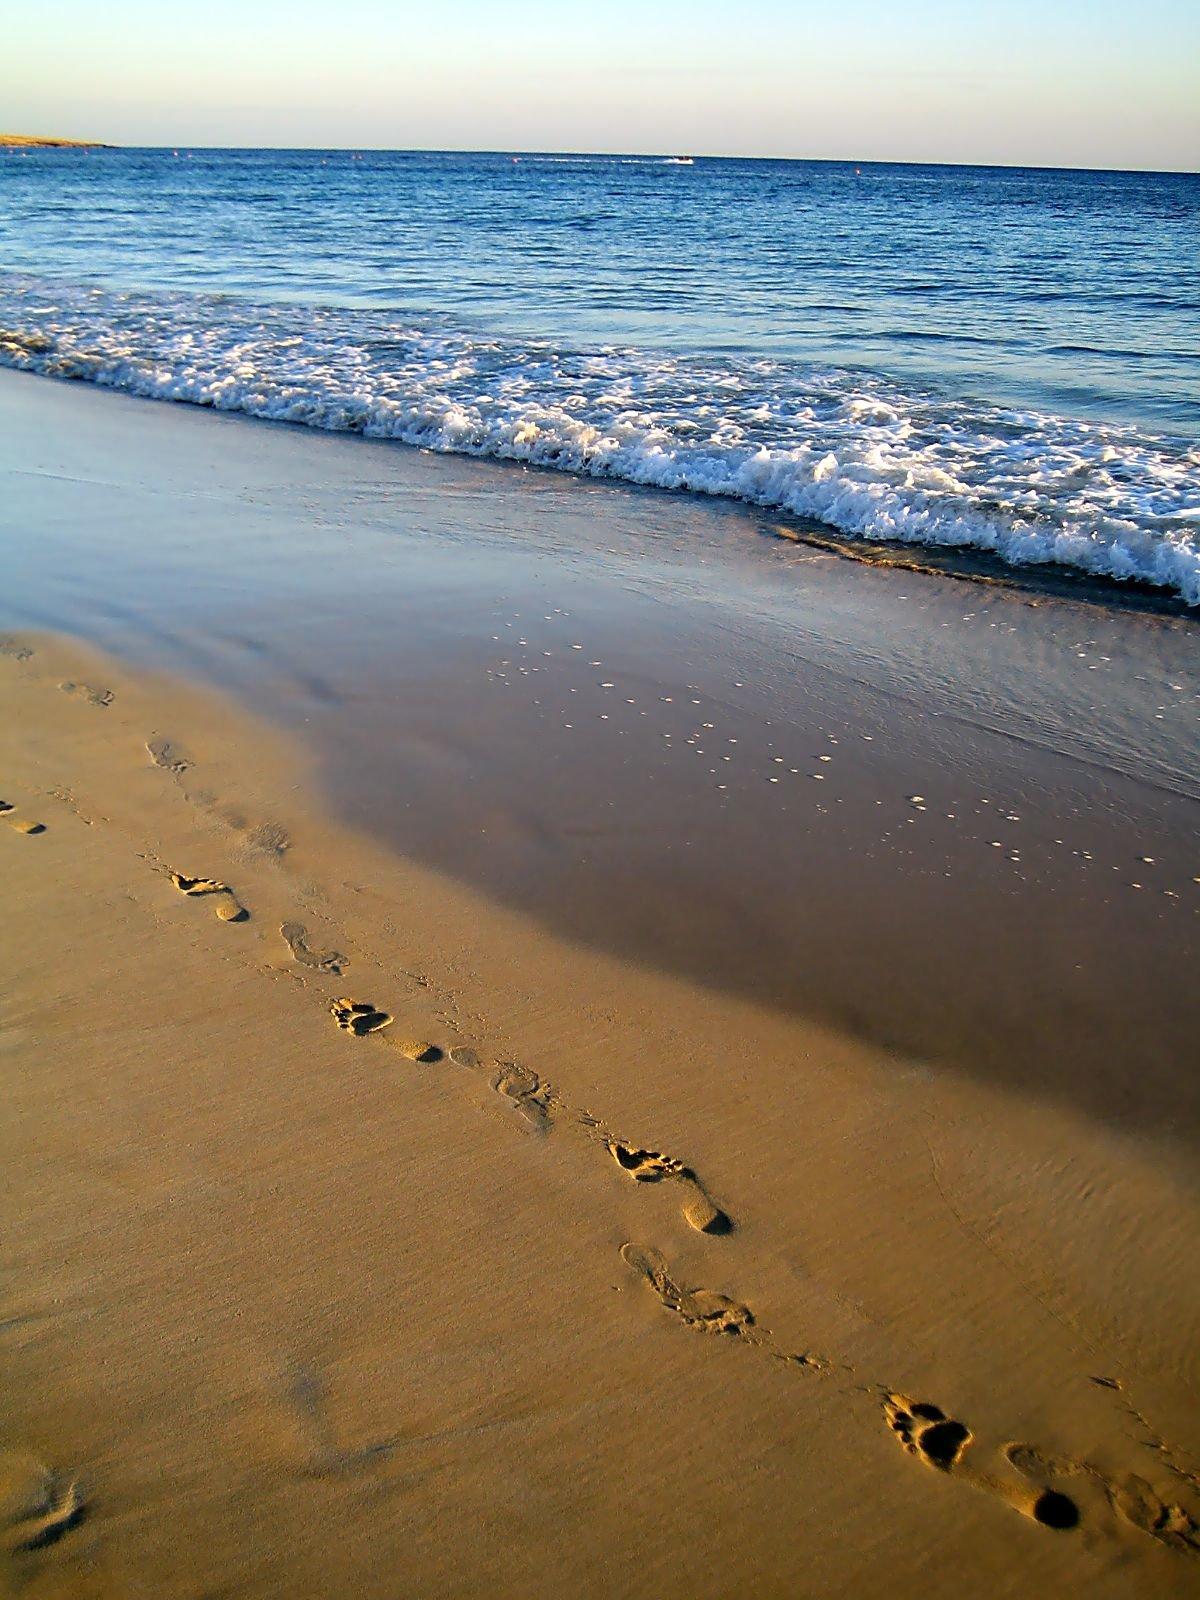 рука след на песке фото посещал католическую